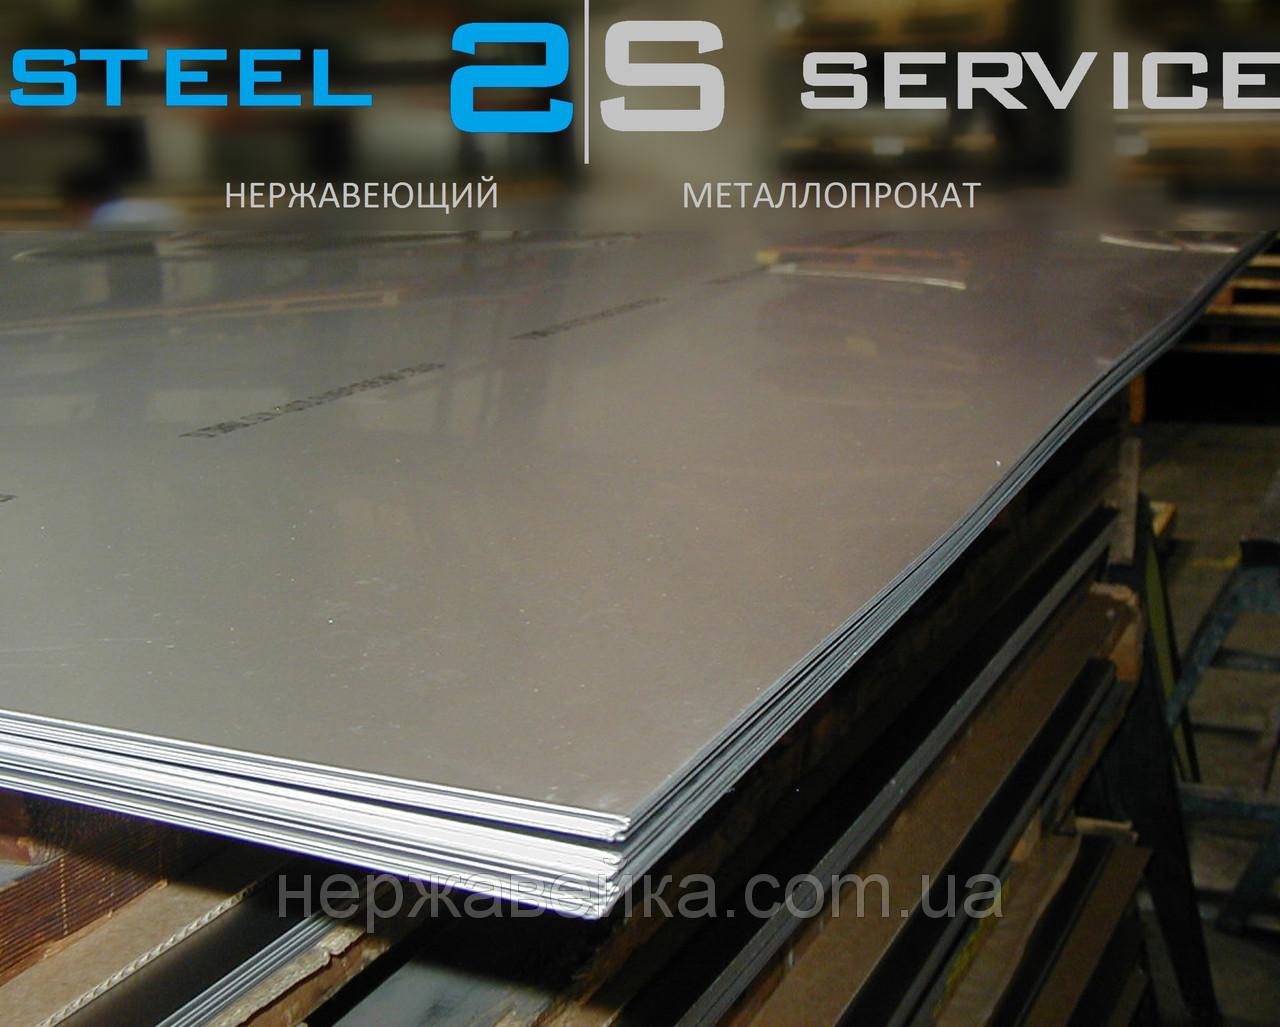 Нержавейка лист 0,8х1000х2000мм  AISI 321(08Х18Н10Т) 4N - шлифованный,  пищевой